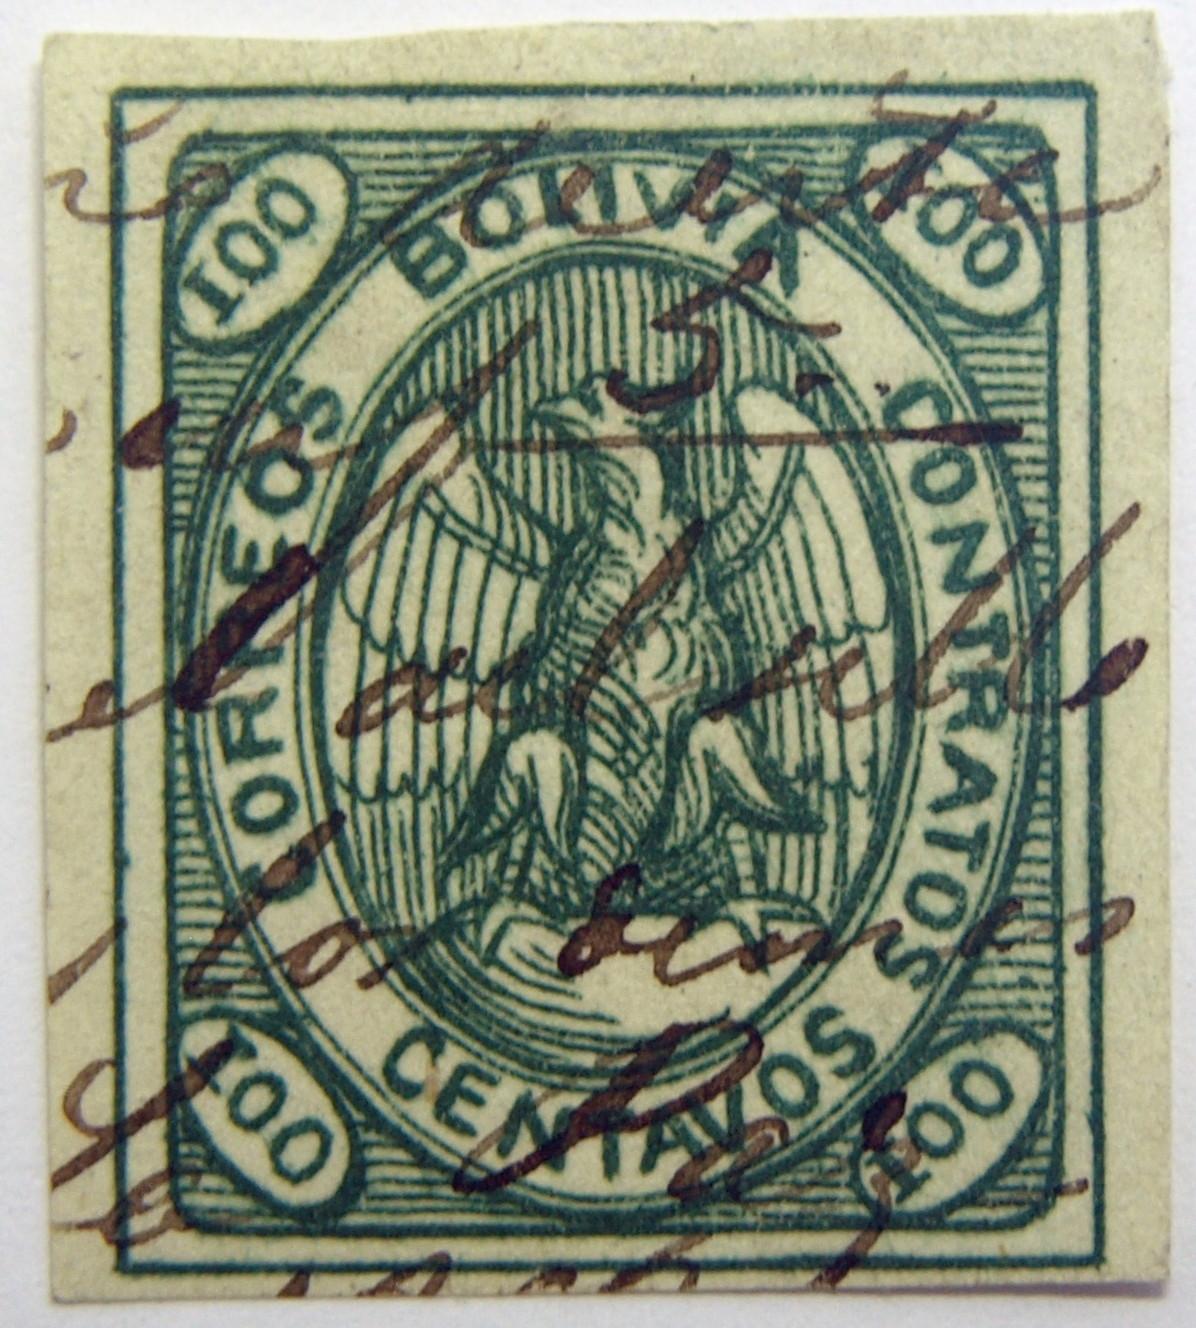 Bolivia stamps